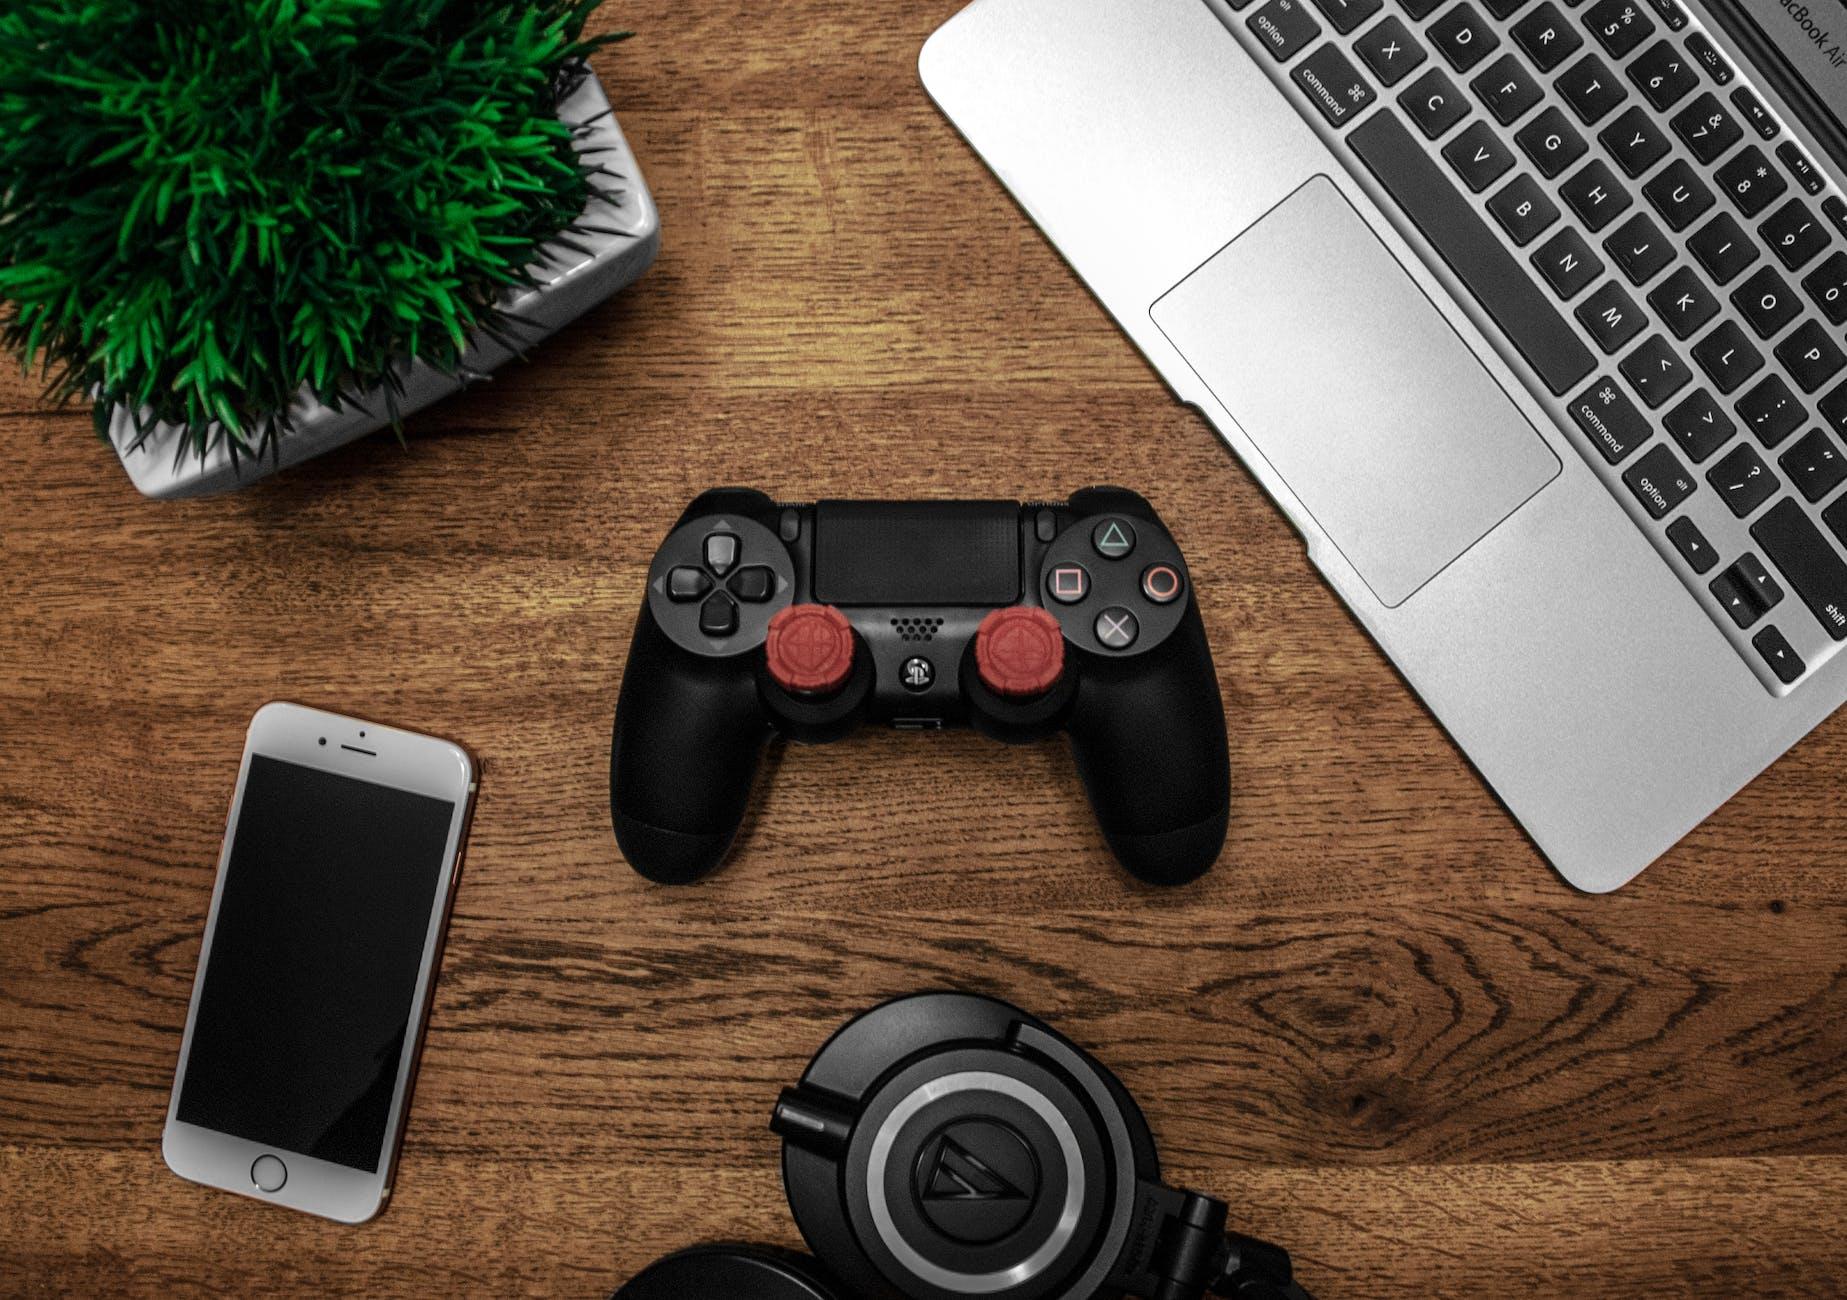 juegos online mas demandados de la decada